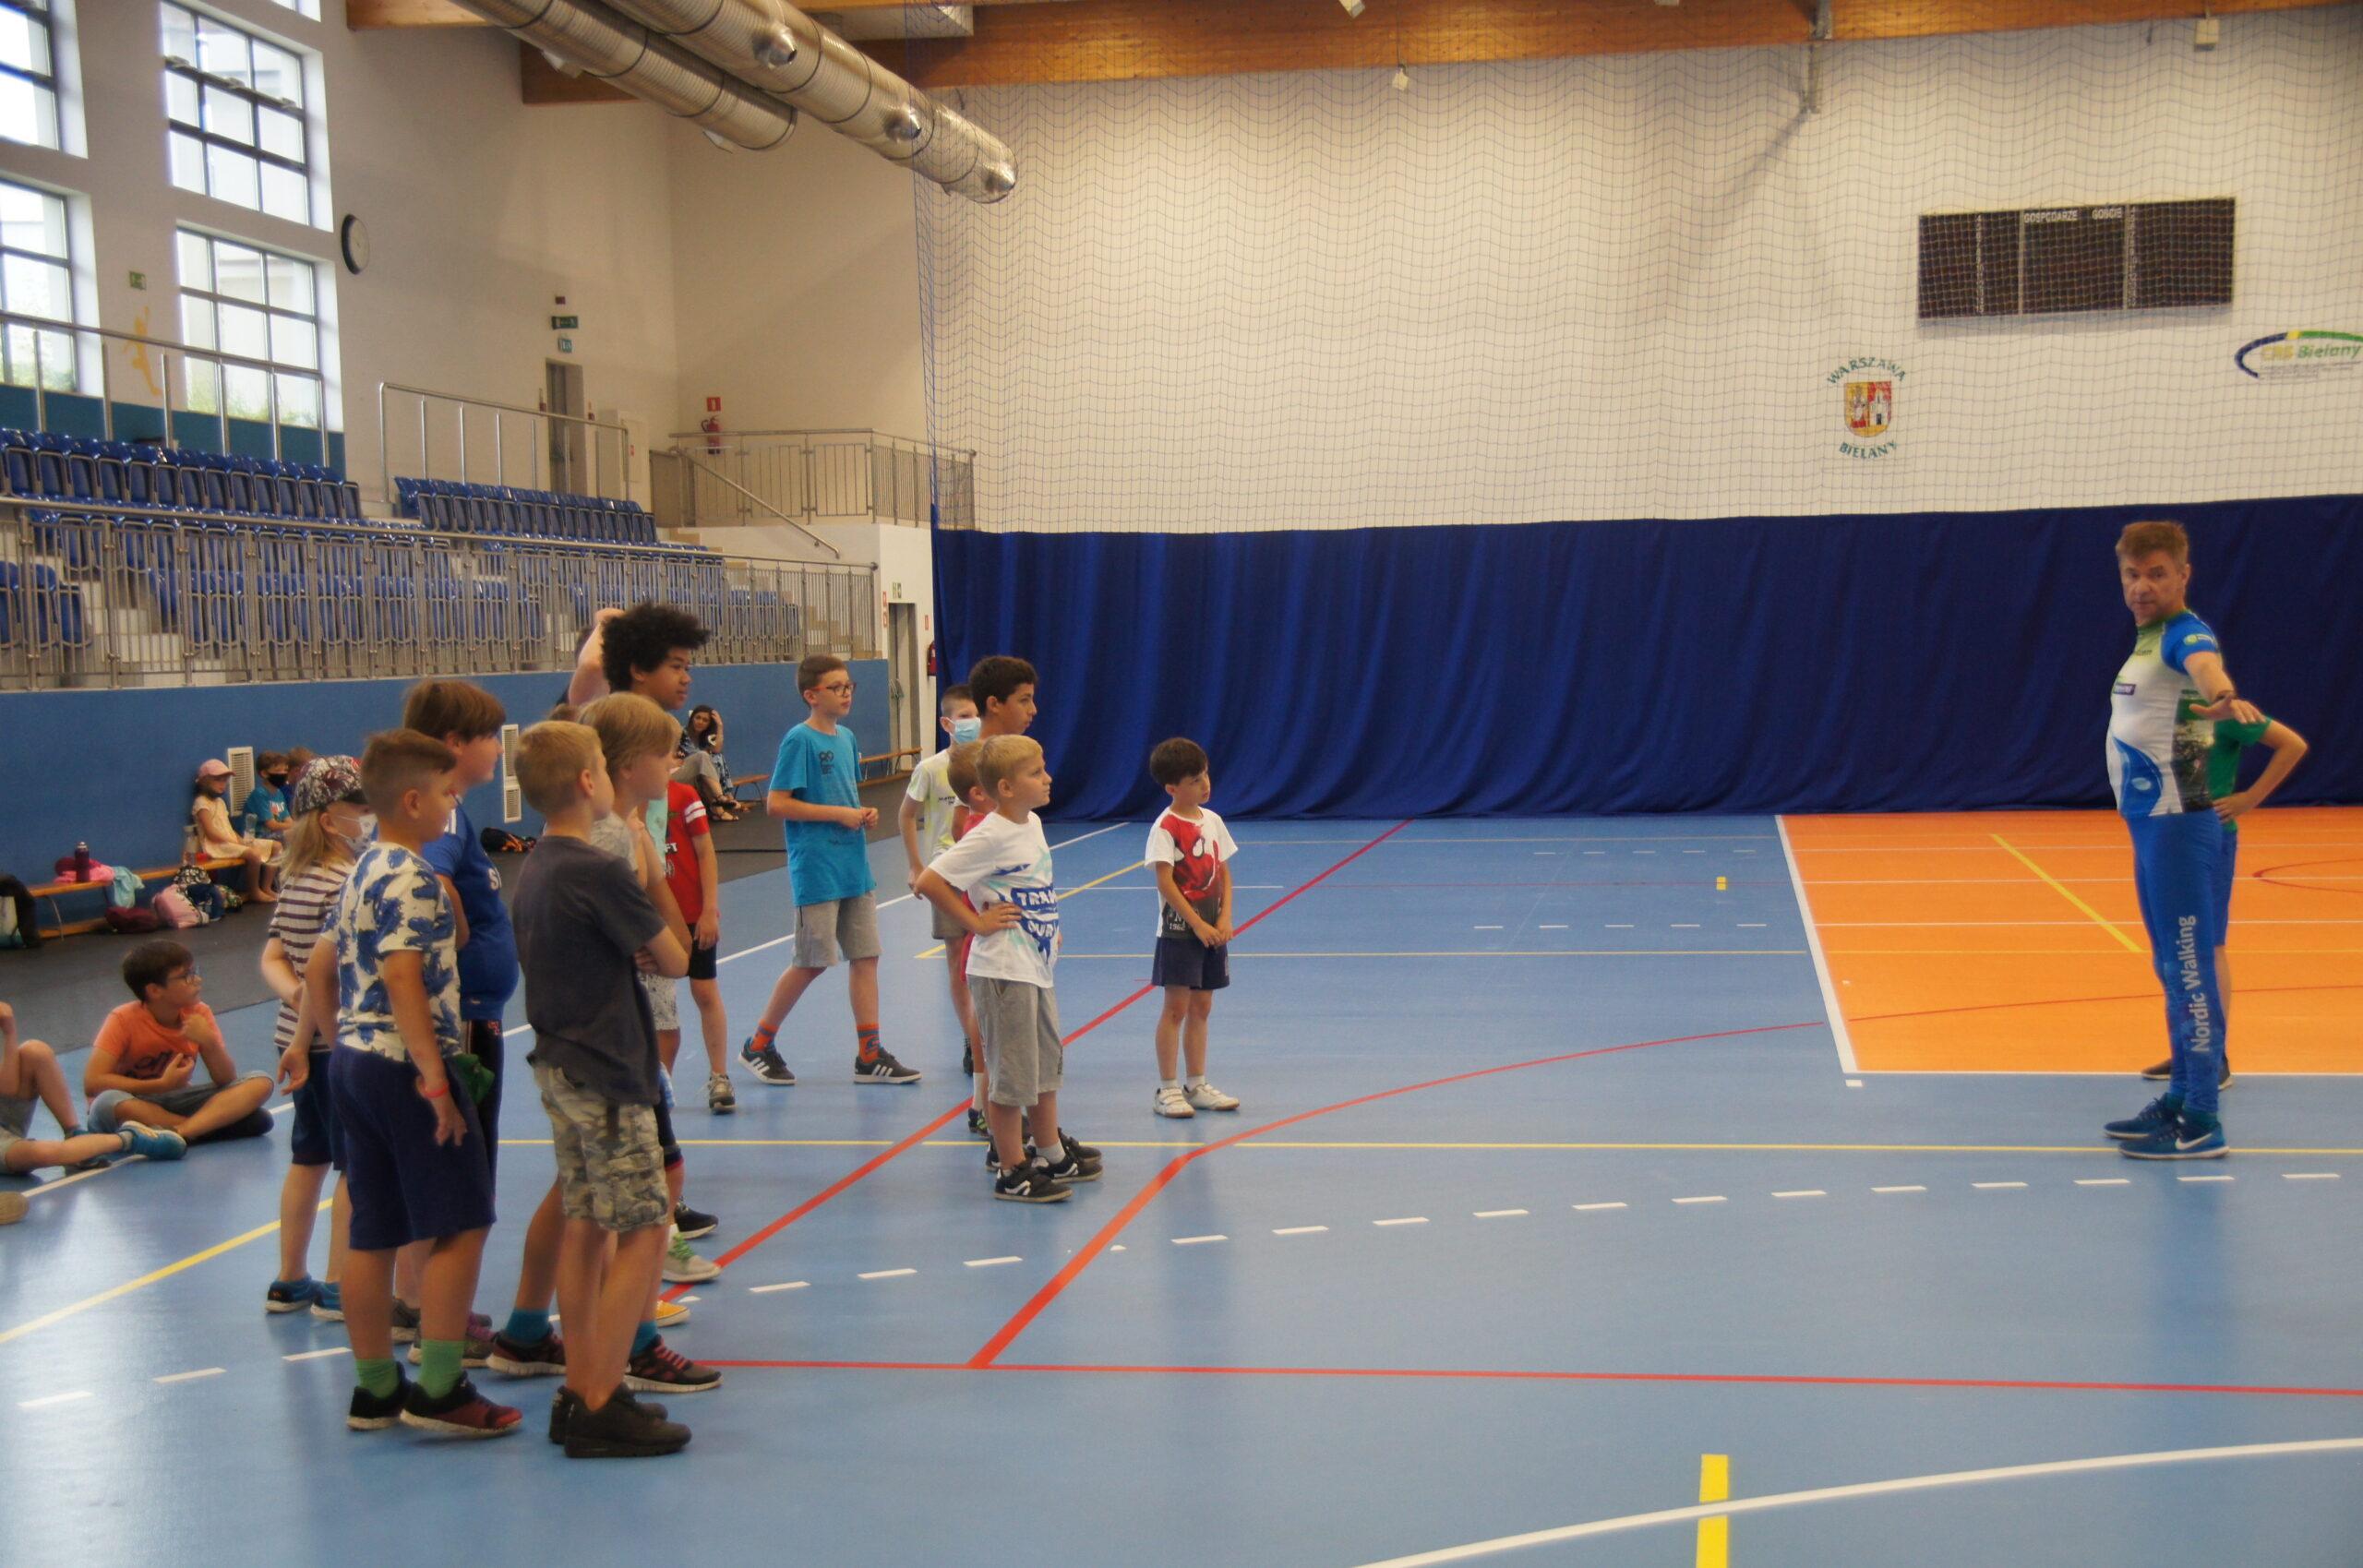 Grupa dzieci trenująca i bawiąca się na hali sportowej wraz z trenerem.